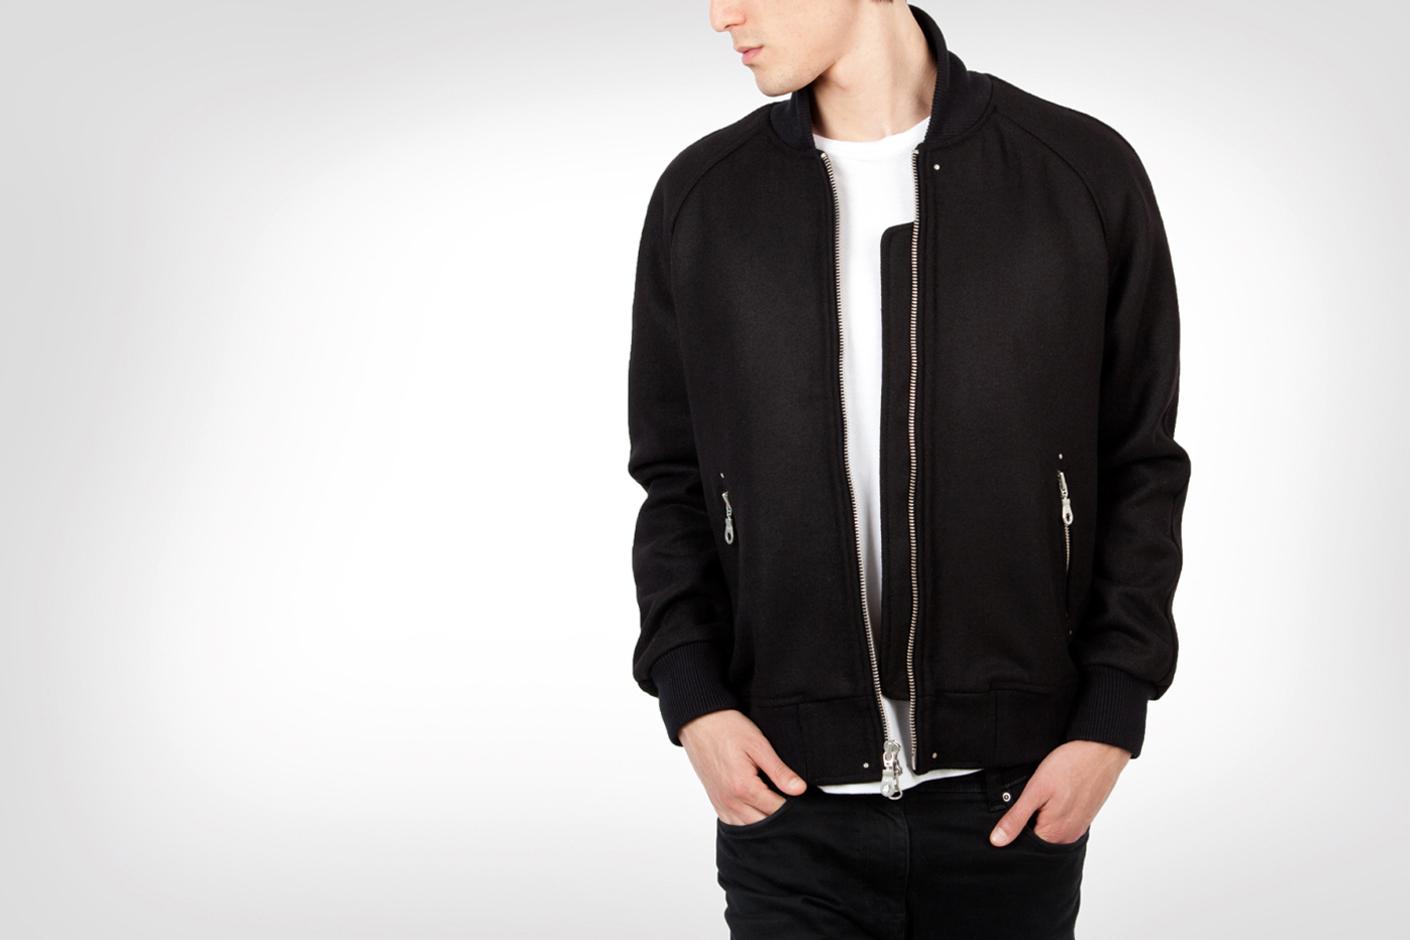 MKI Black 2013 Full Wool Varsity Jackets